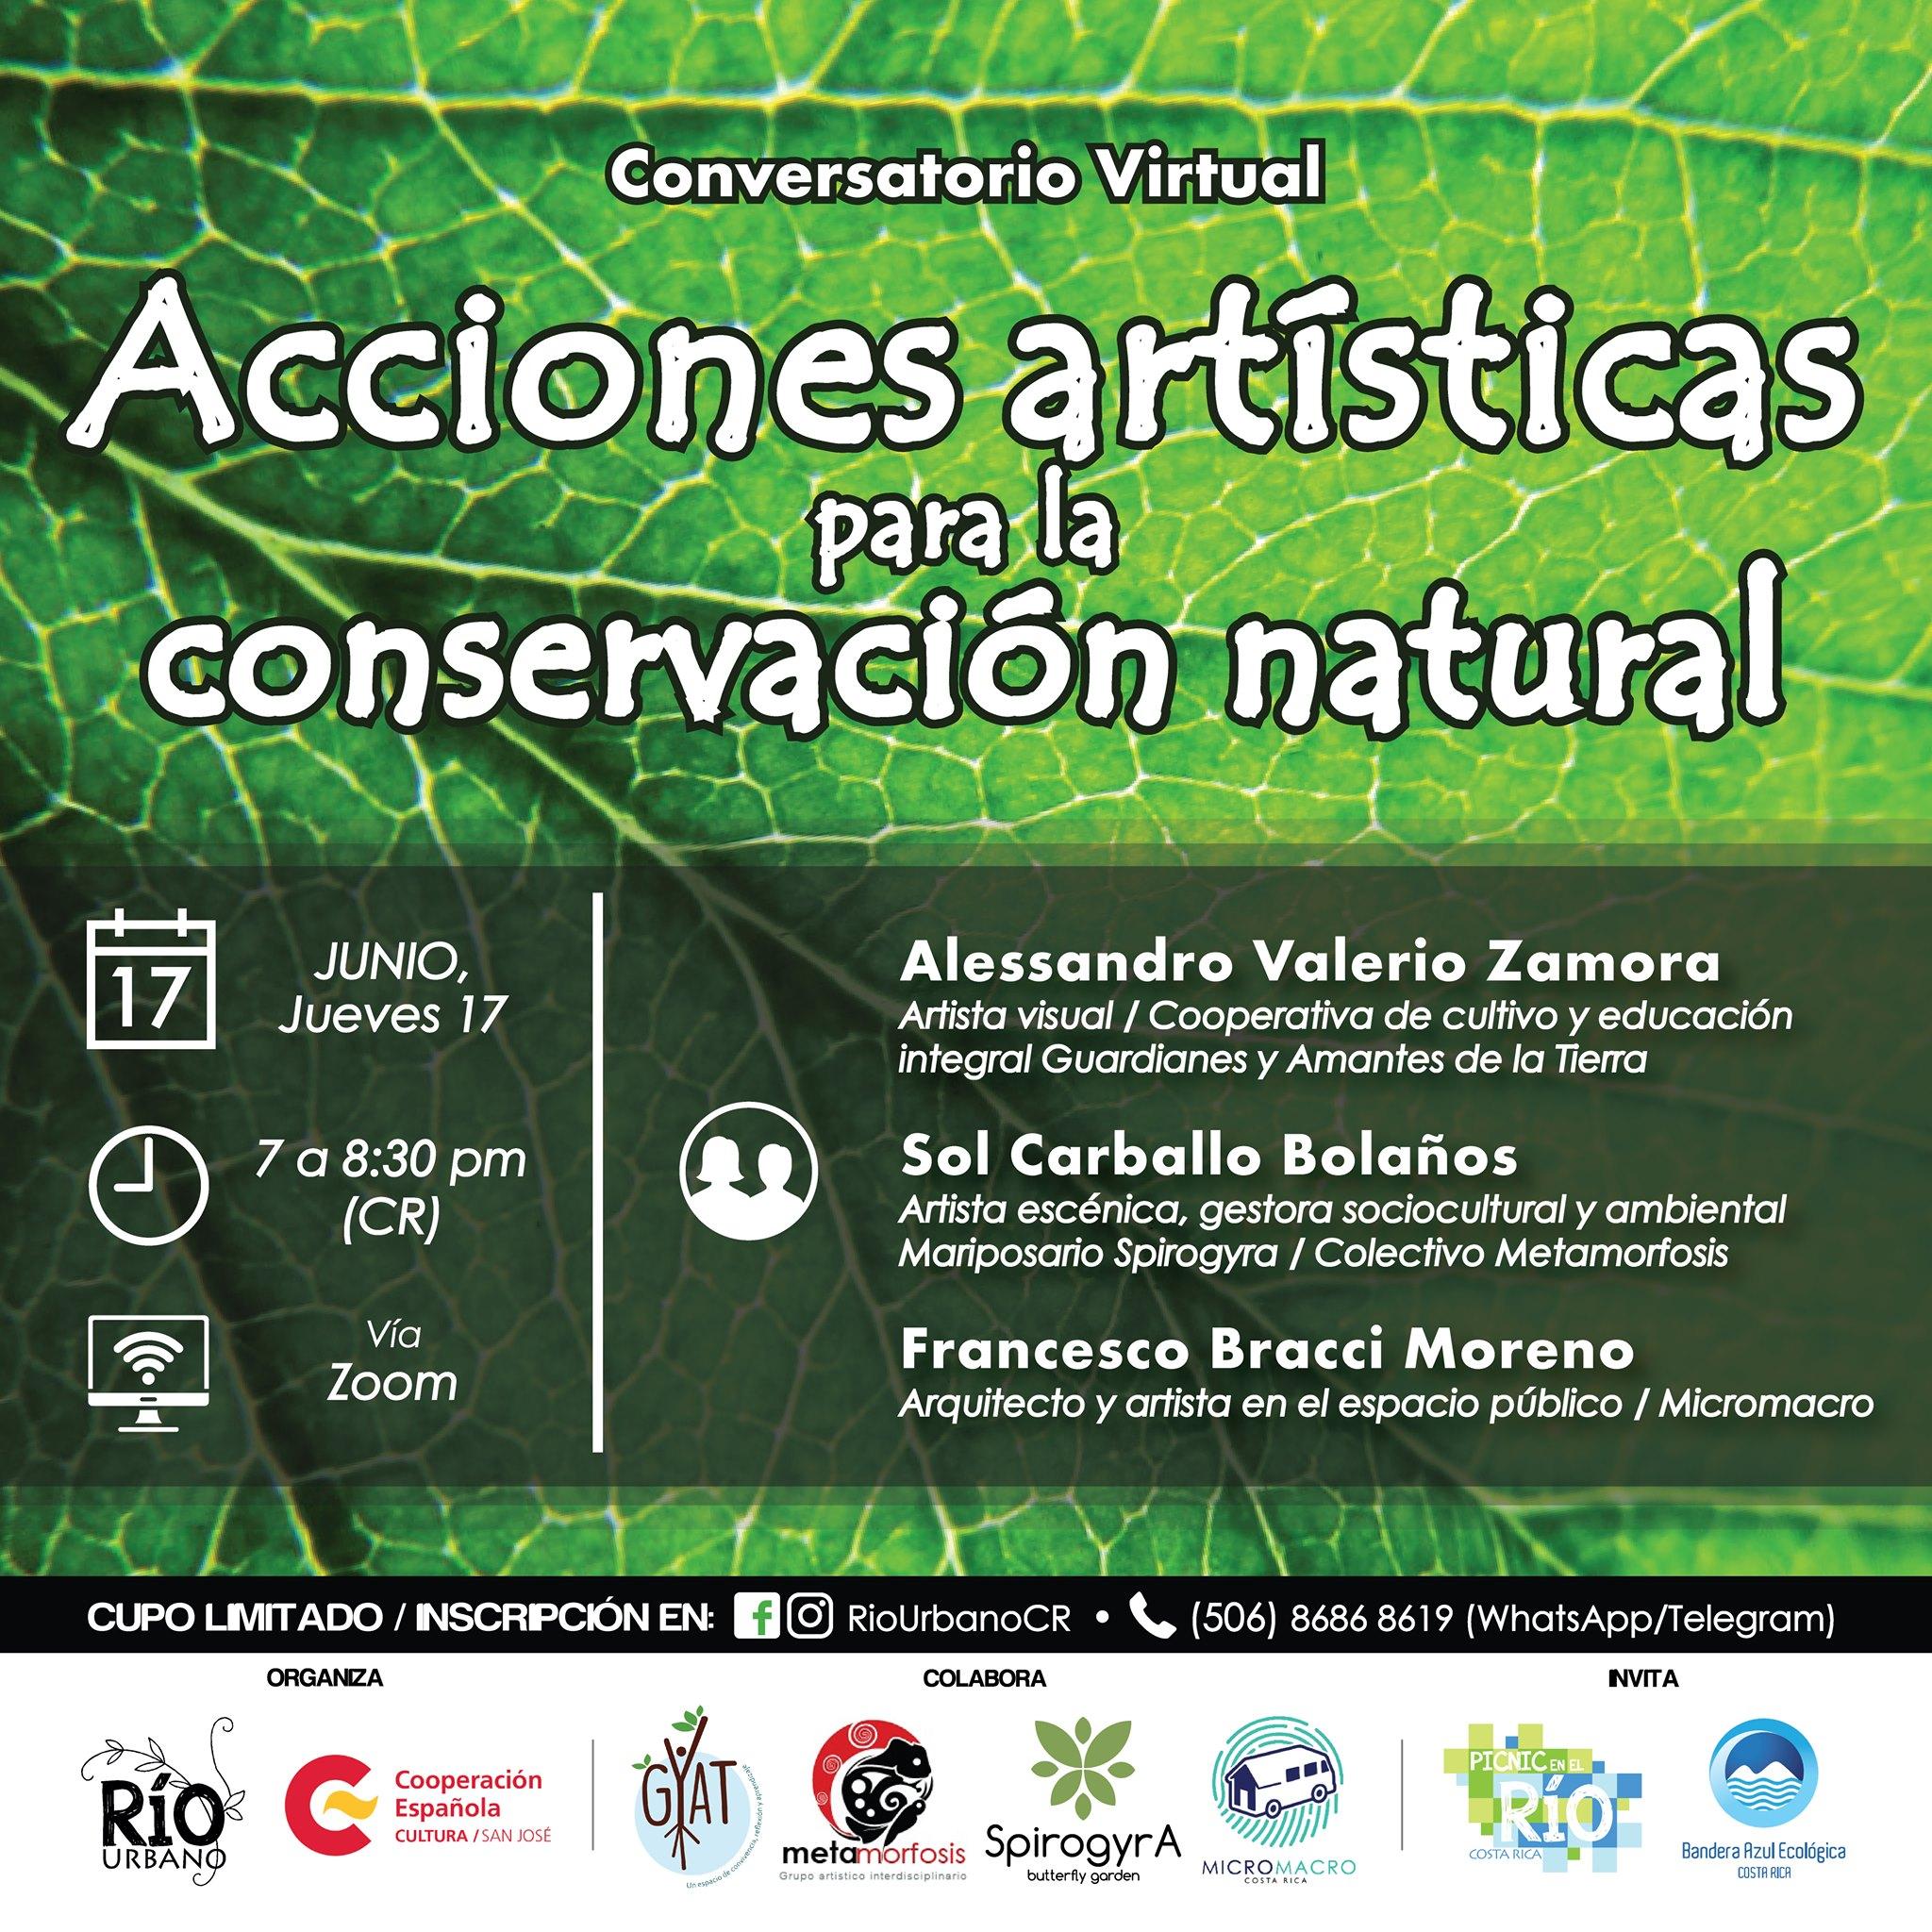 Conversatorio: 'Acciones artísticas para la conservación natural'